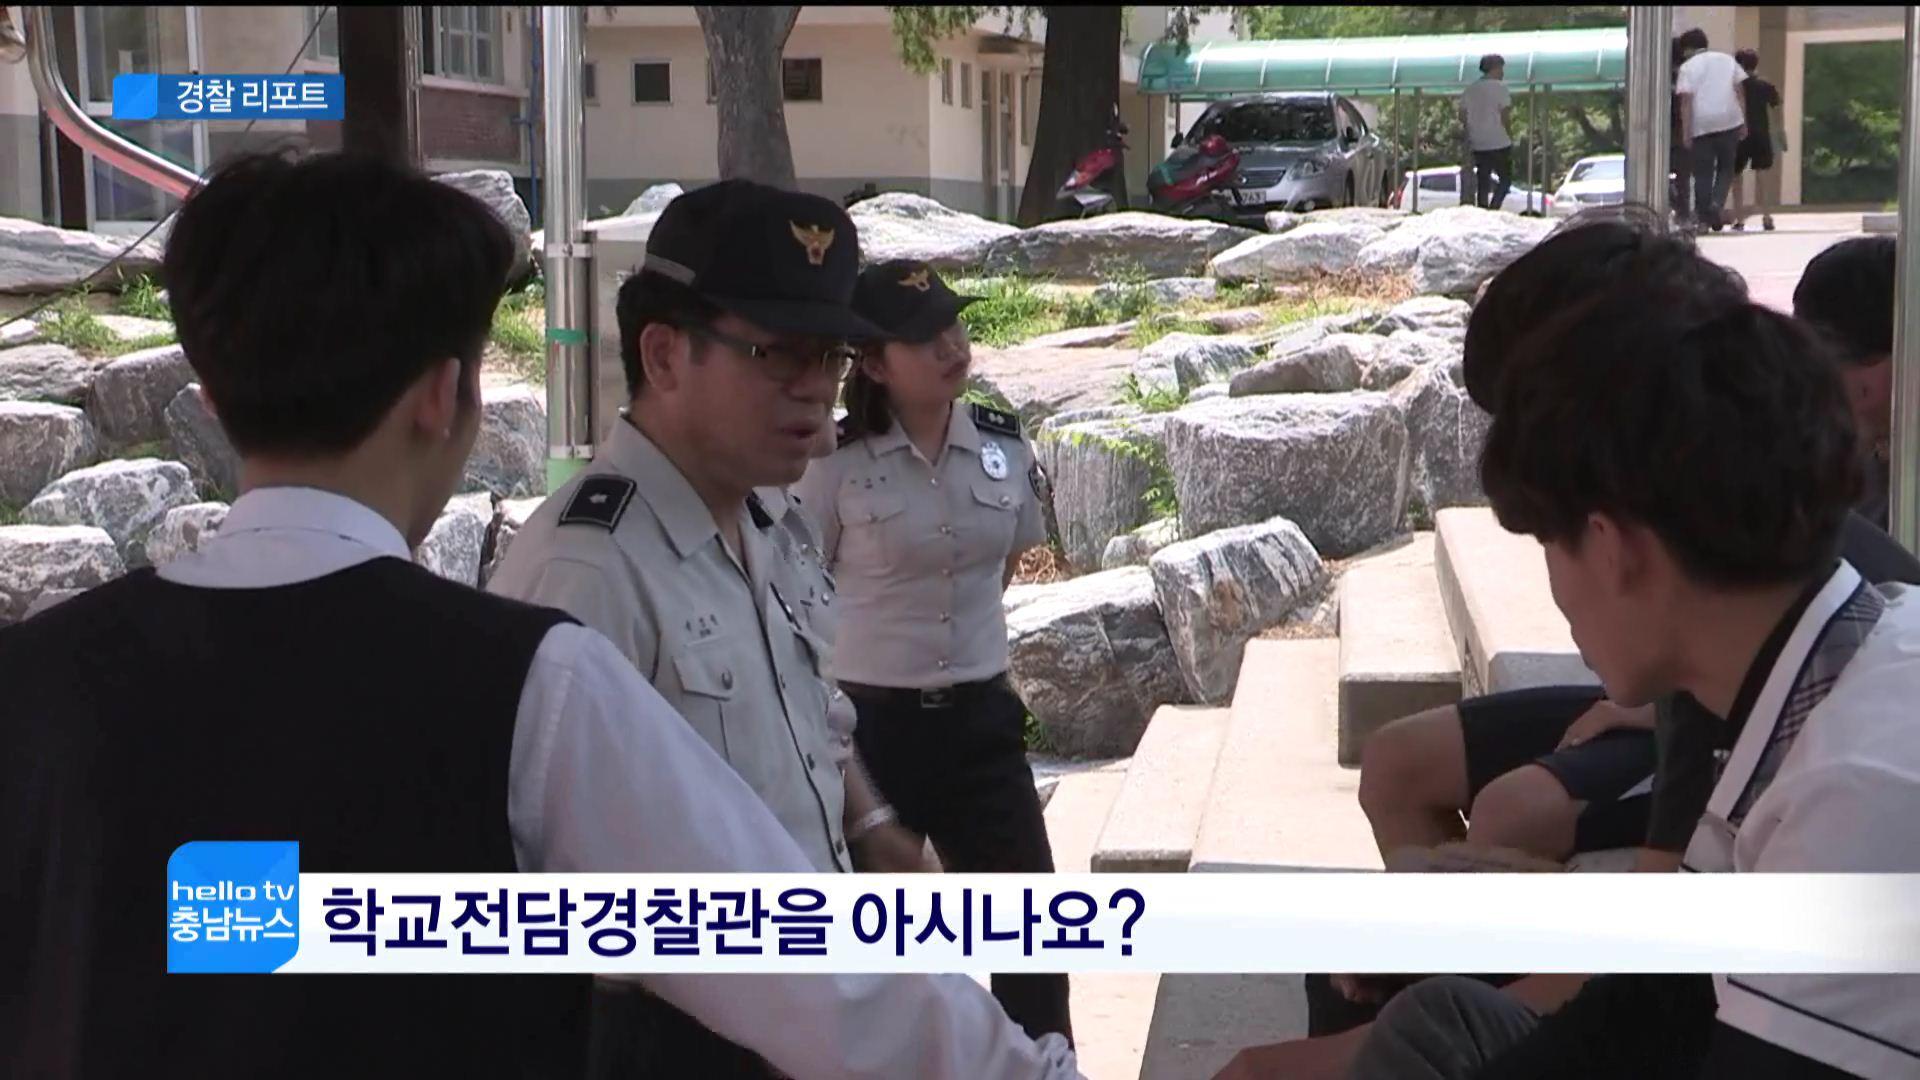 충남경찰 리포트 71회